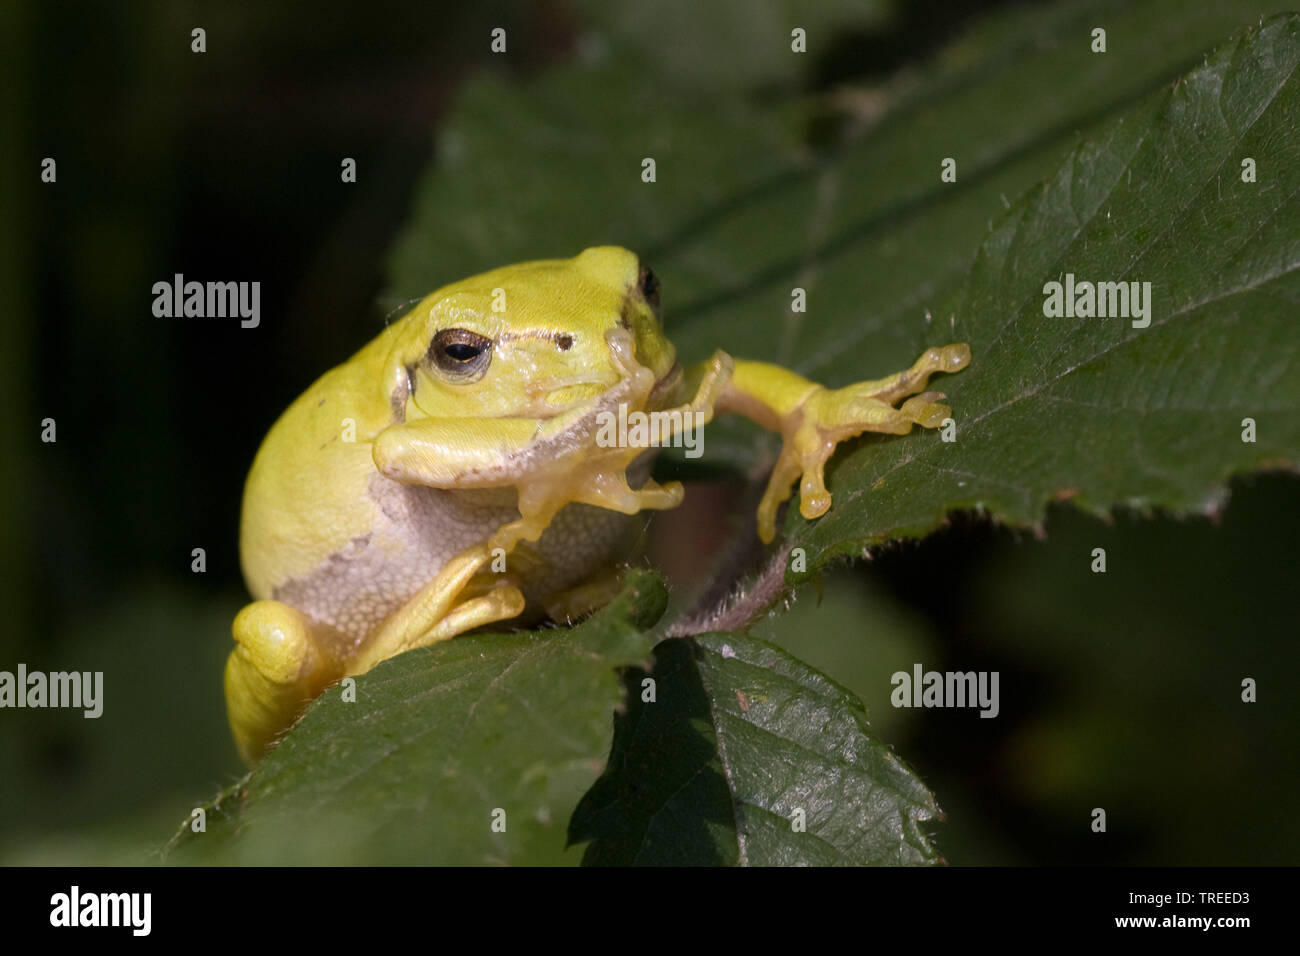 Europaeischer Laubfrosch (Hyla arborea), sitzt auf einem Blatt, Niederlande | European treefrog, common treefrog, Central European treefrog (Hyla arbo - Stock Image